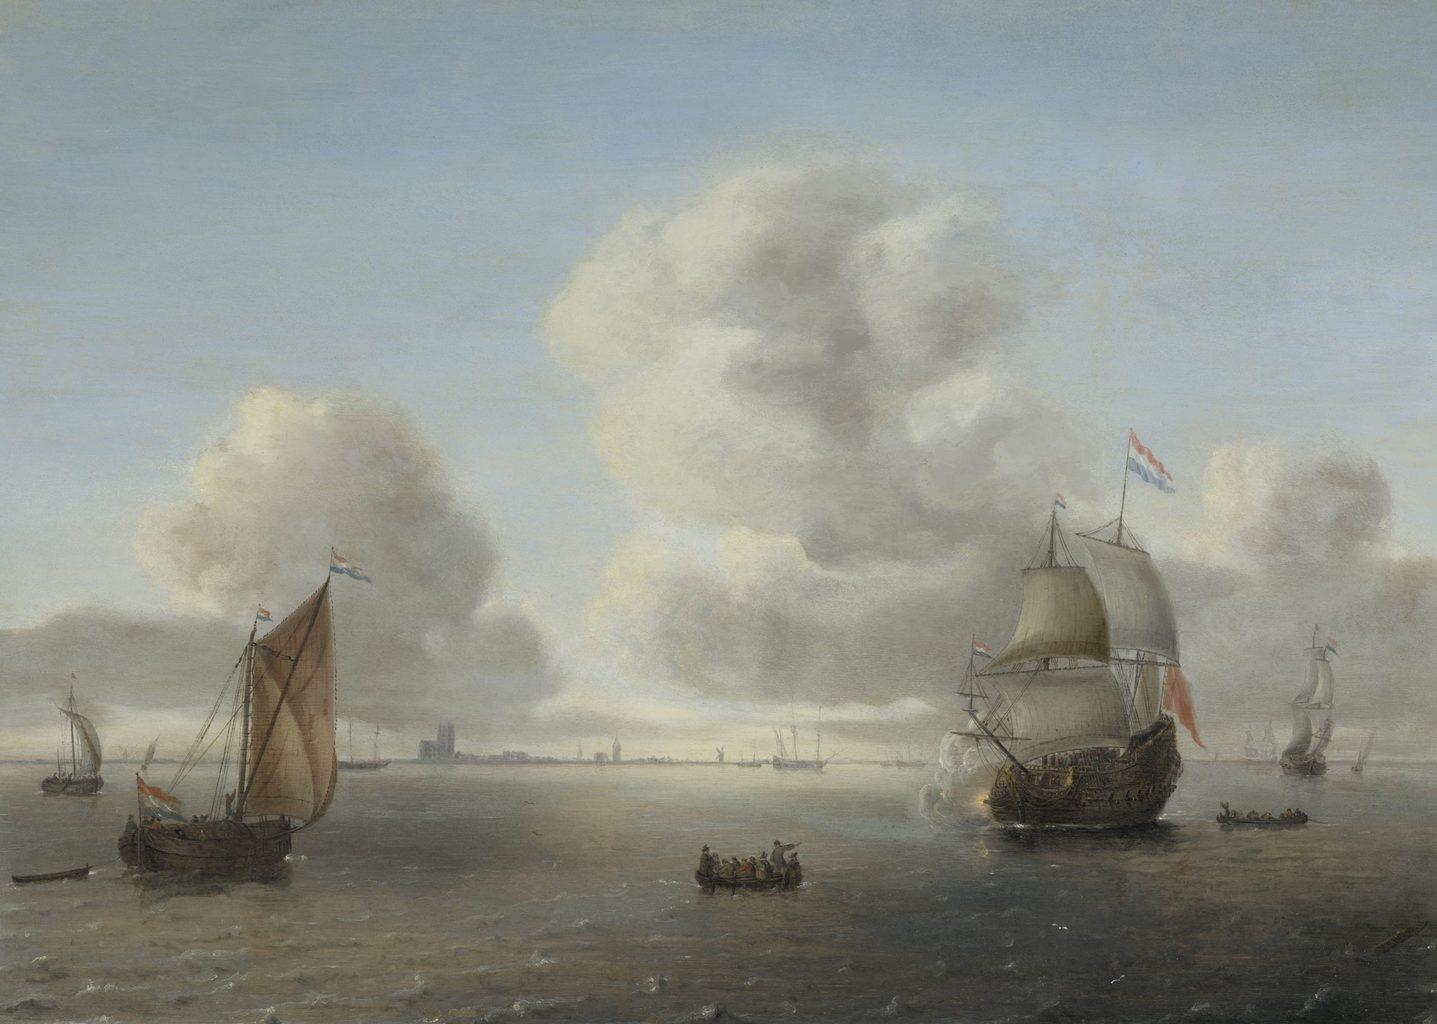 Willem Hermansz. van Diest, Schepen en boten voor de kust bij Dordrecht, 1650er Jahre, olie op eikenhout, prive verzameling, Keulen